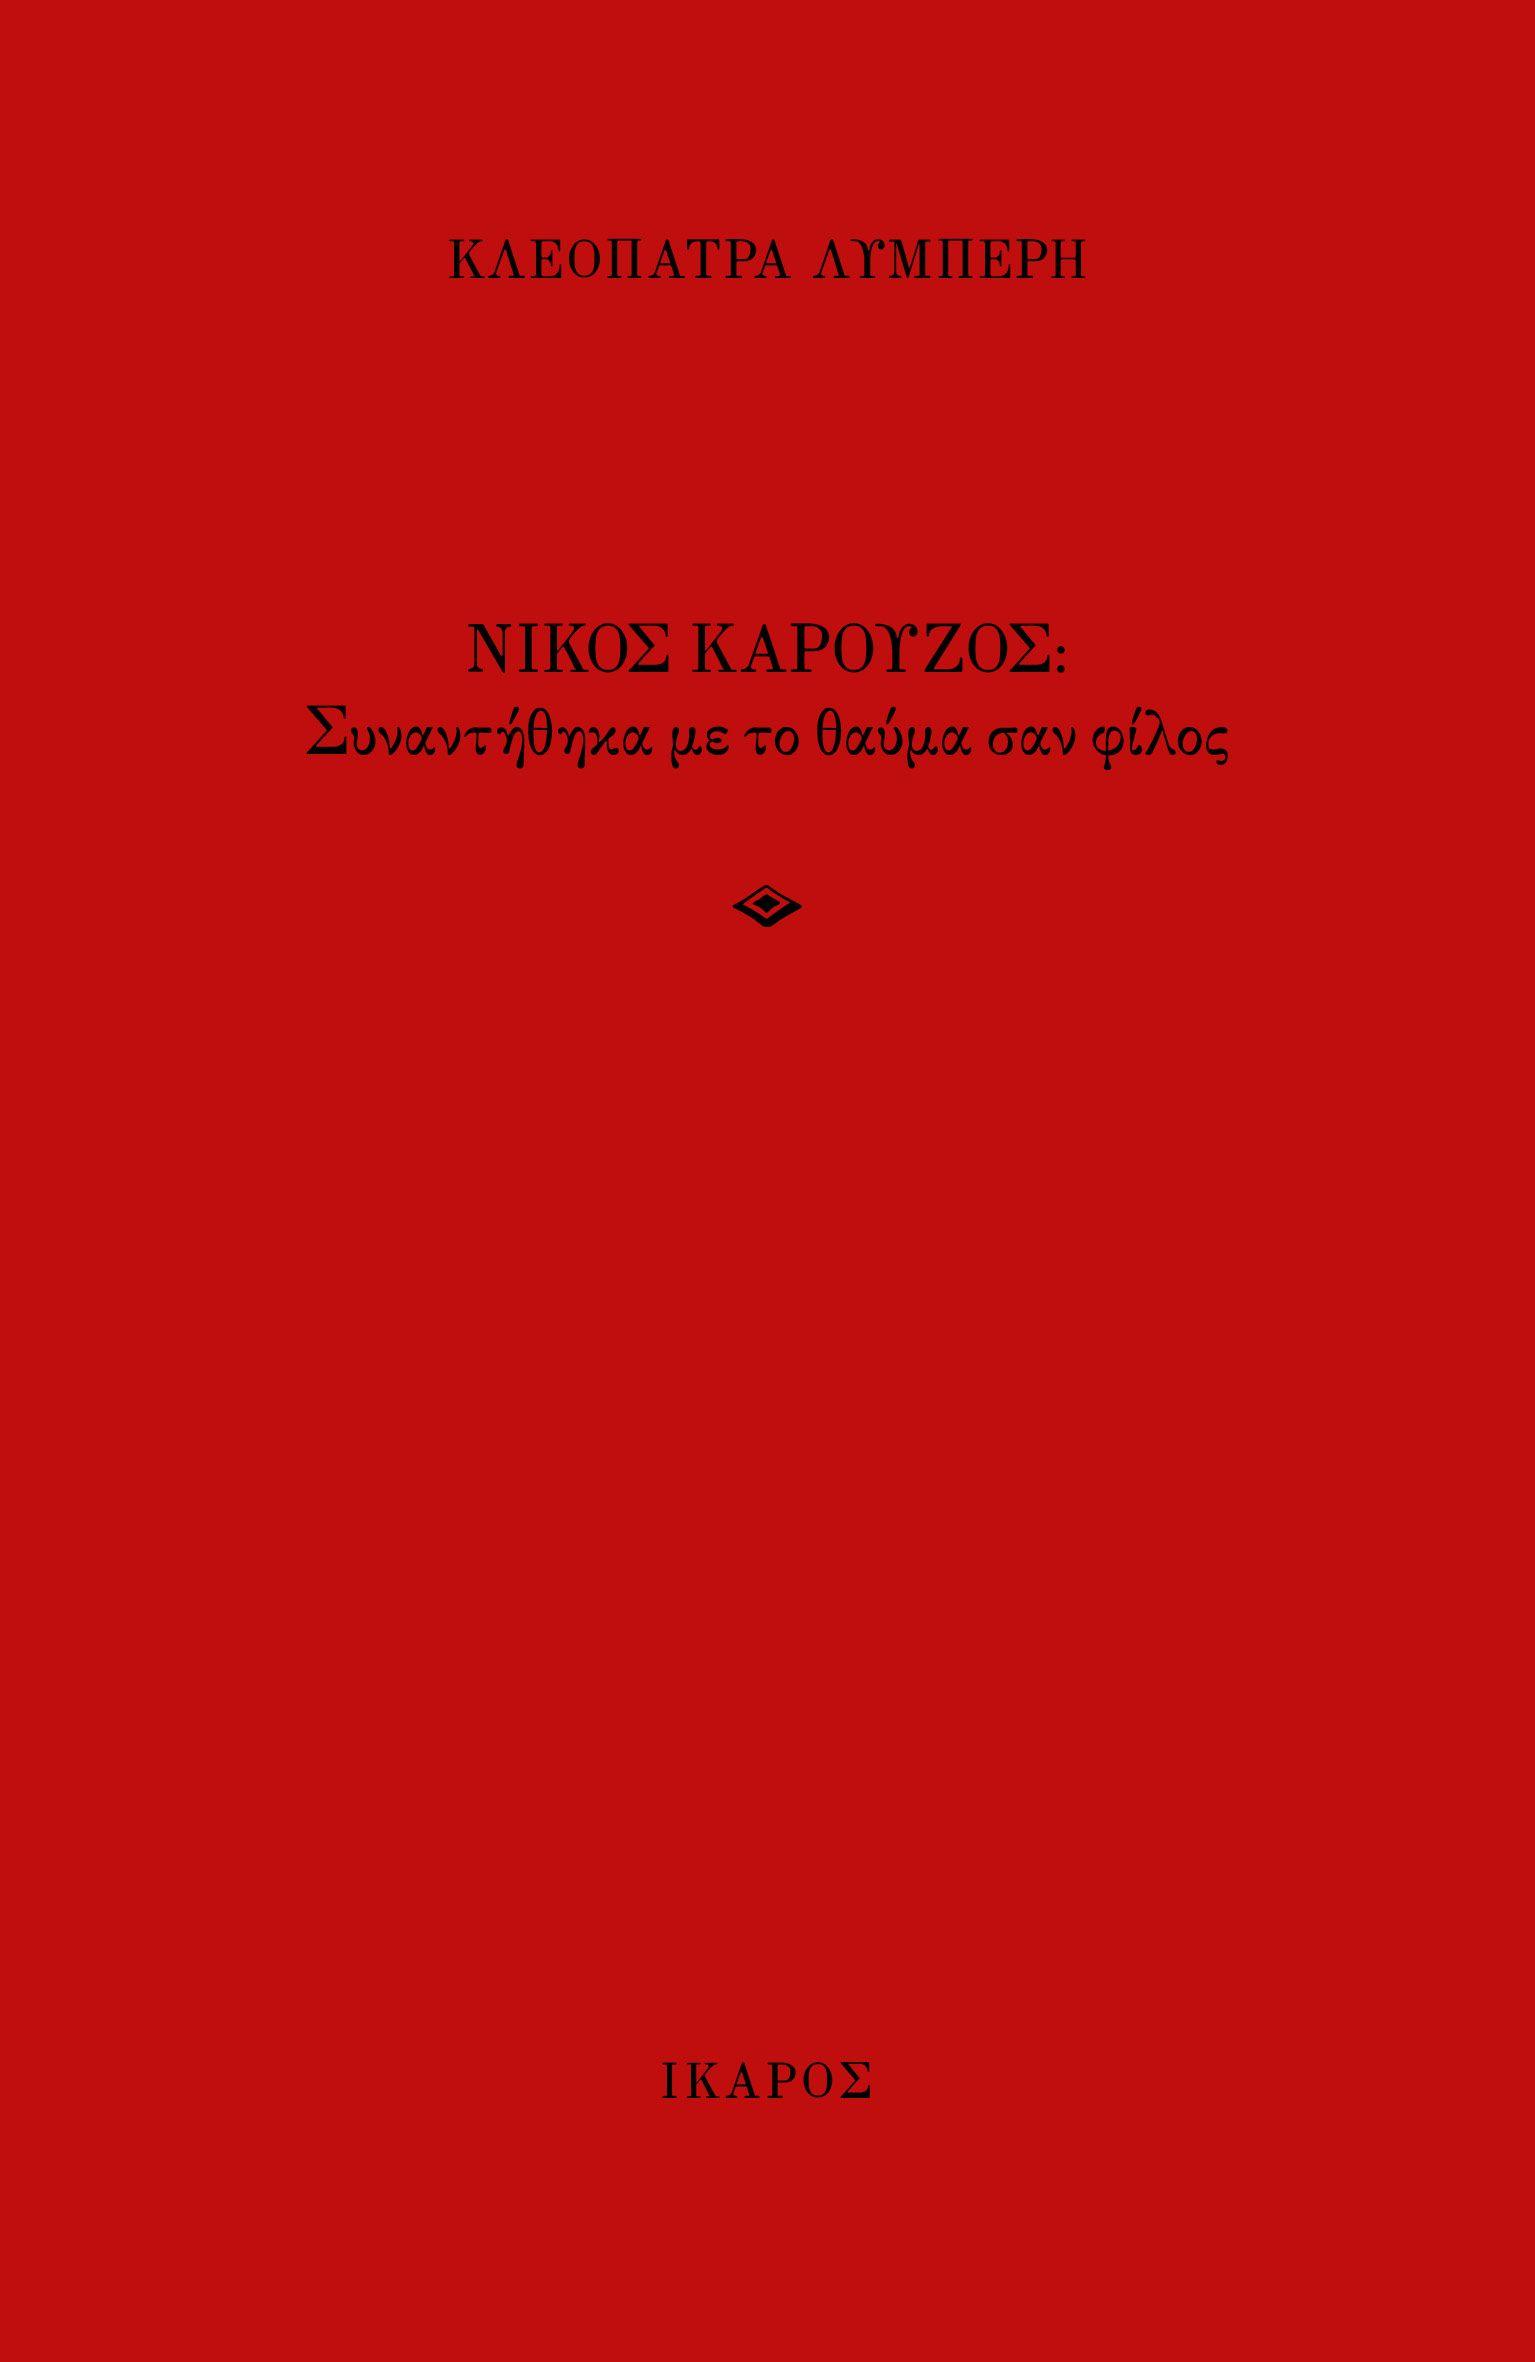 Νίκος Καρούζος: Συναντήθηκα με το θαύμα σαν φίλος, , Λυμπέρη, Κλεοπάτρα, Ίκαρος, 2020